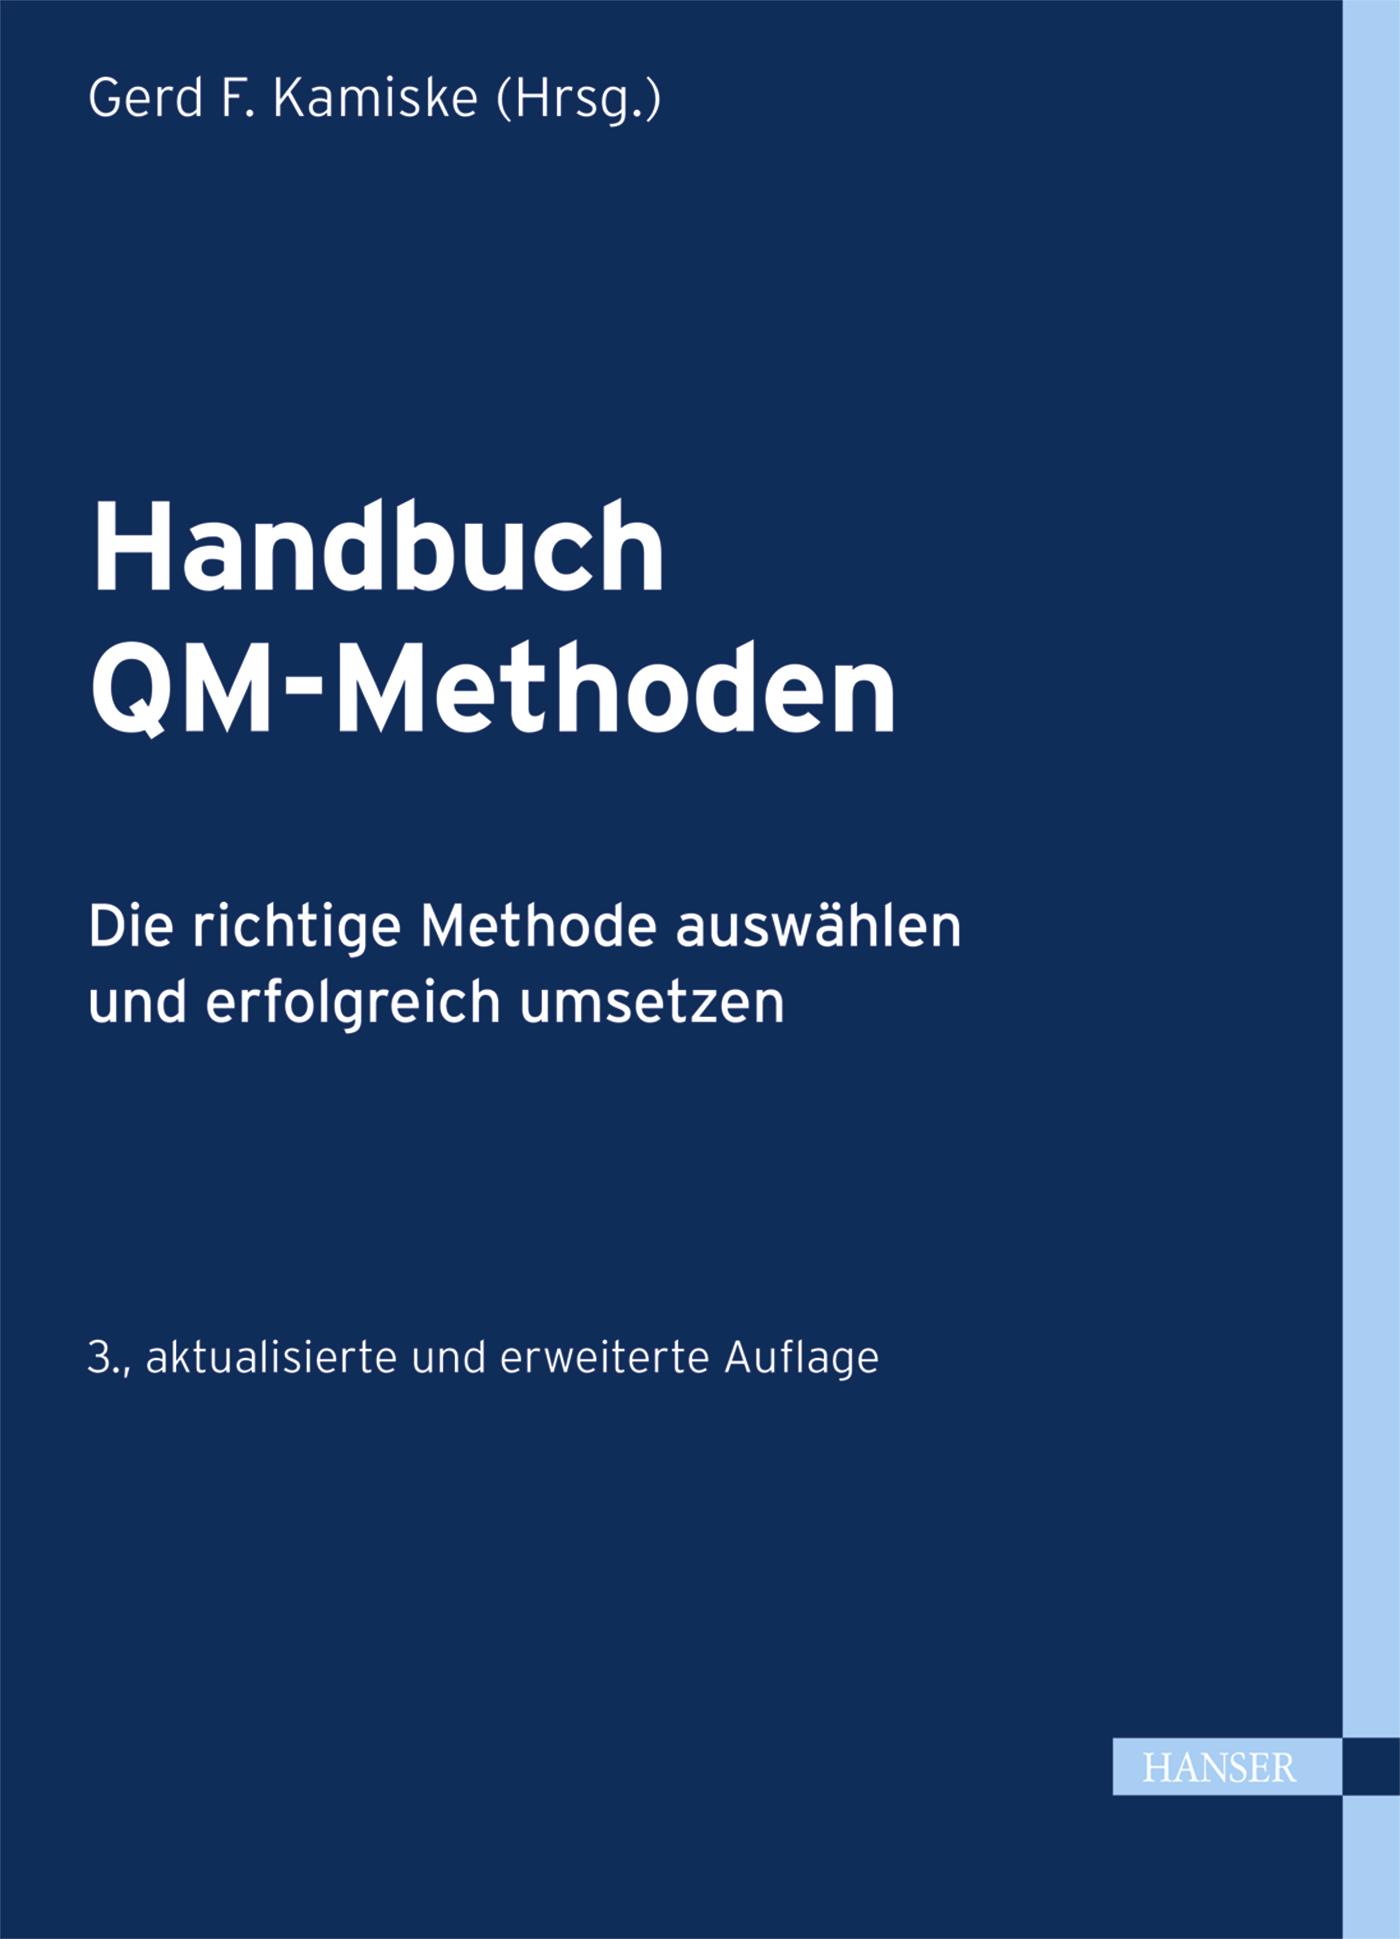 Handbuch QM-Methoden, 978-3-446-44388-4